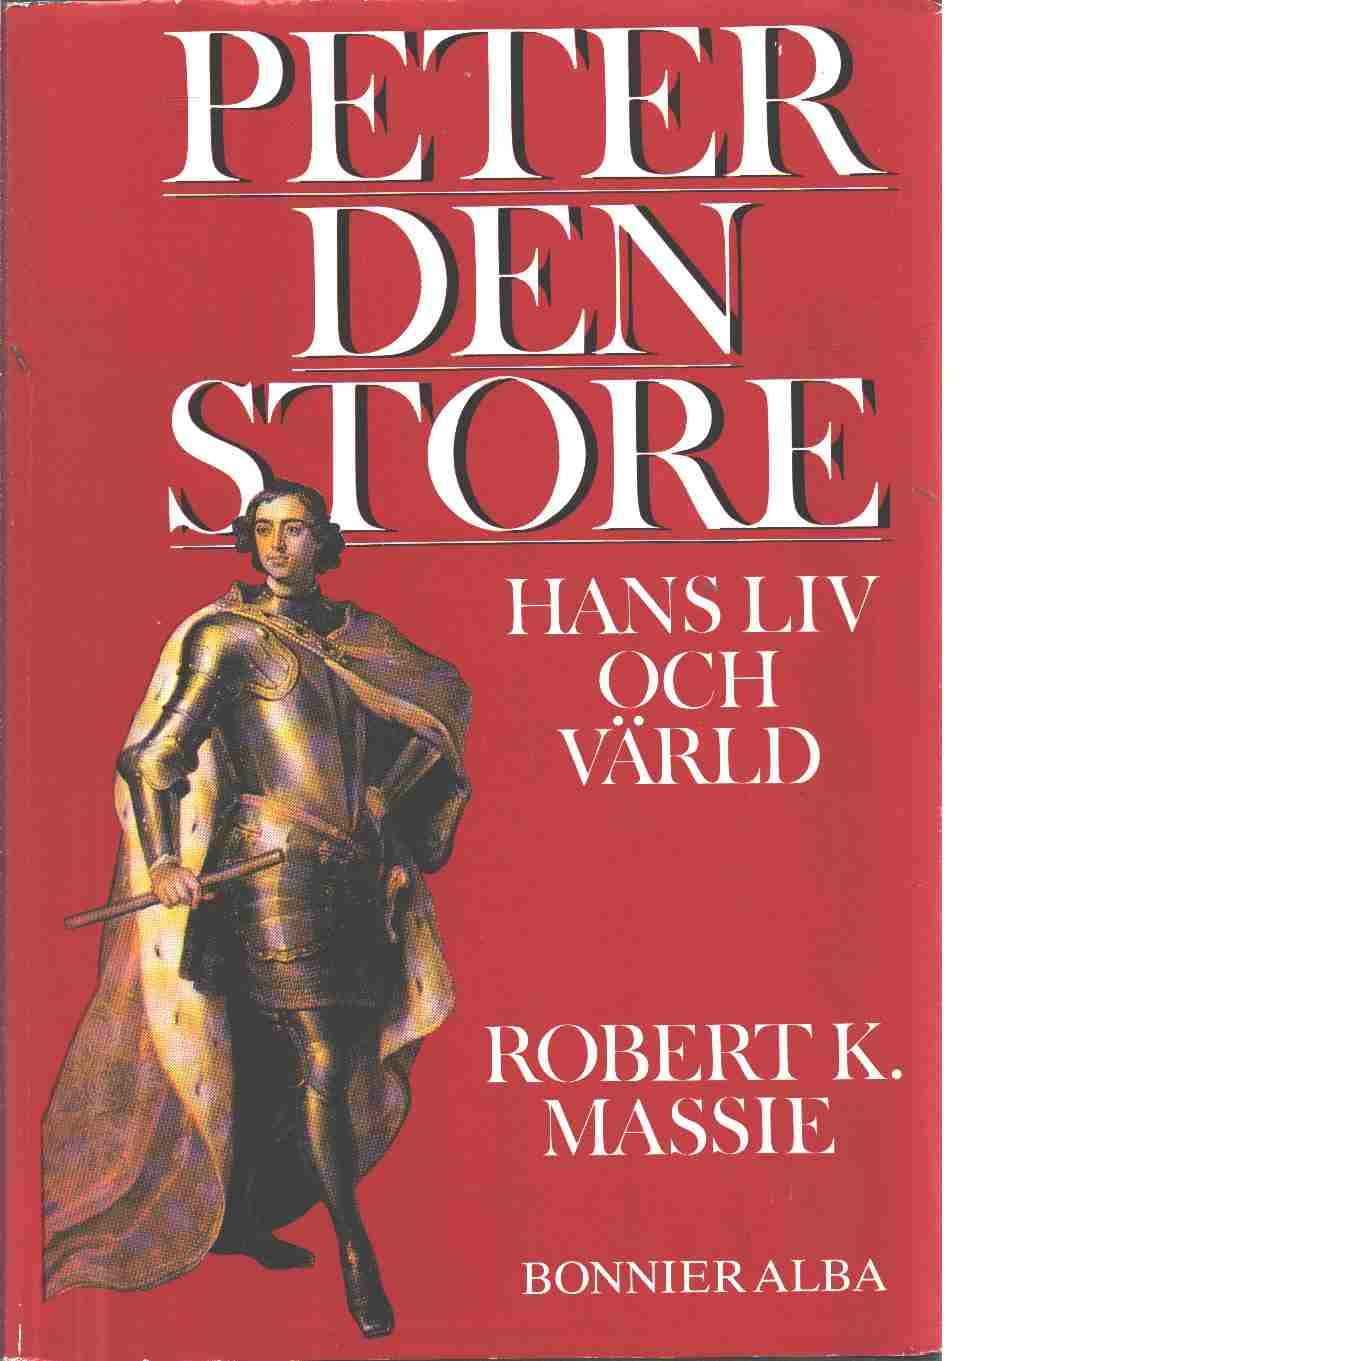 Peter den store : hans liv och värld - Massie, Robert K